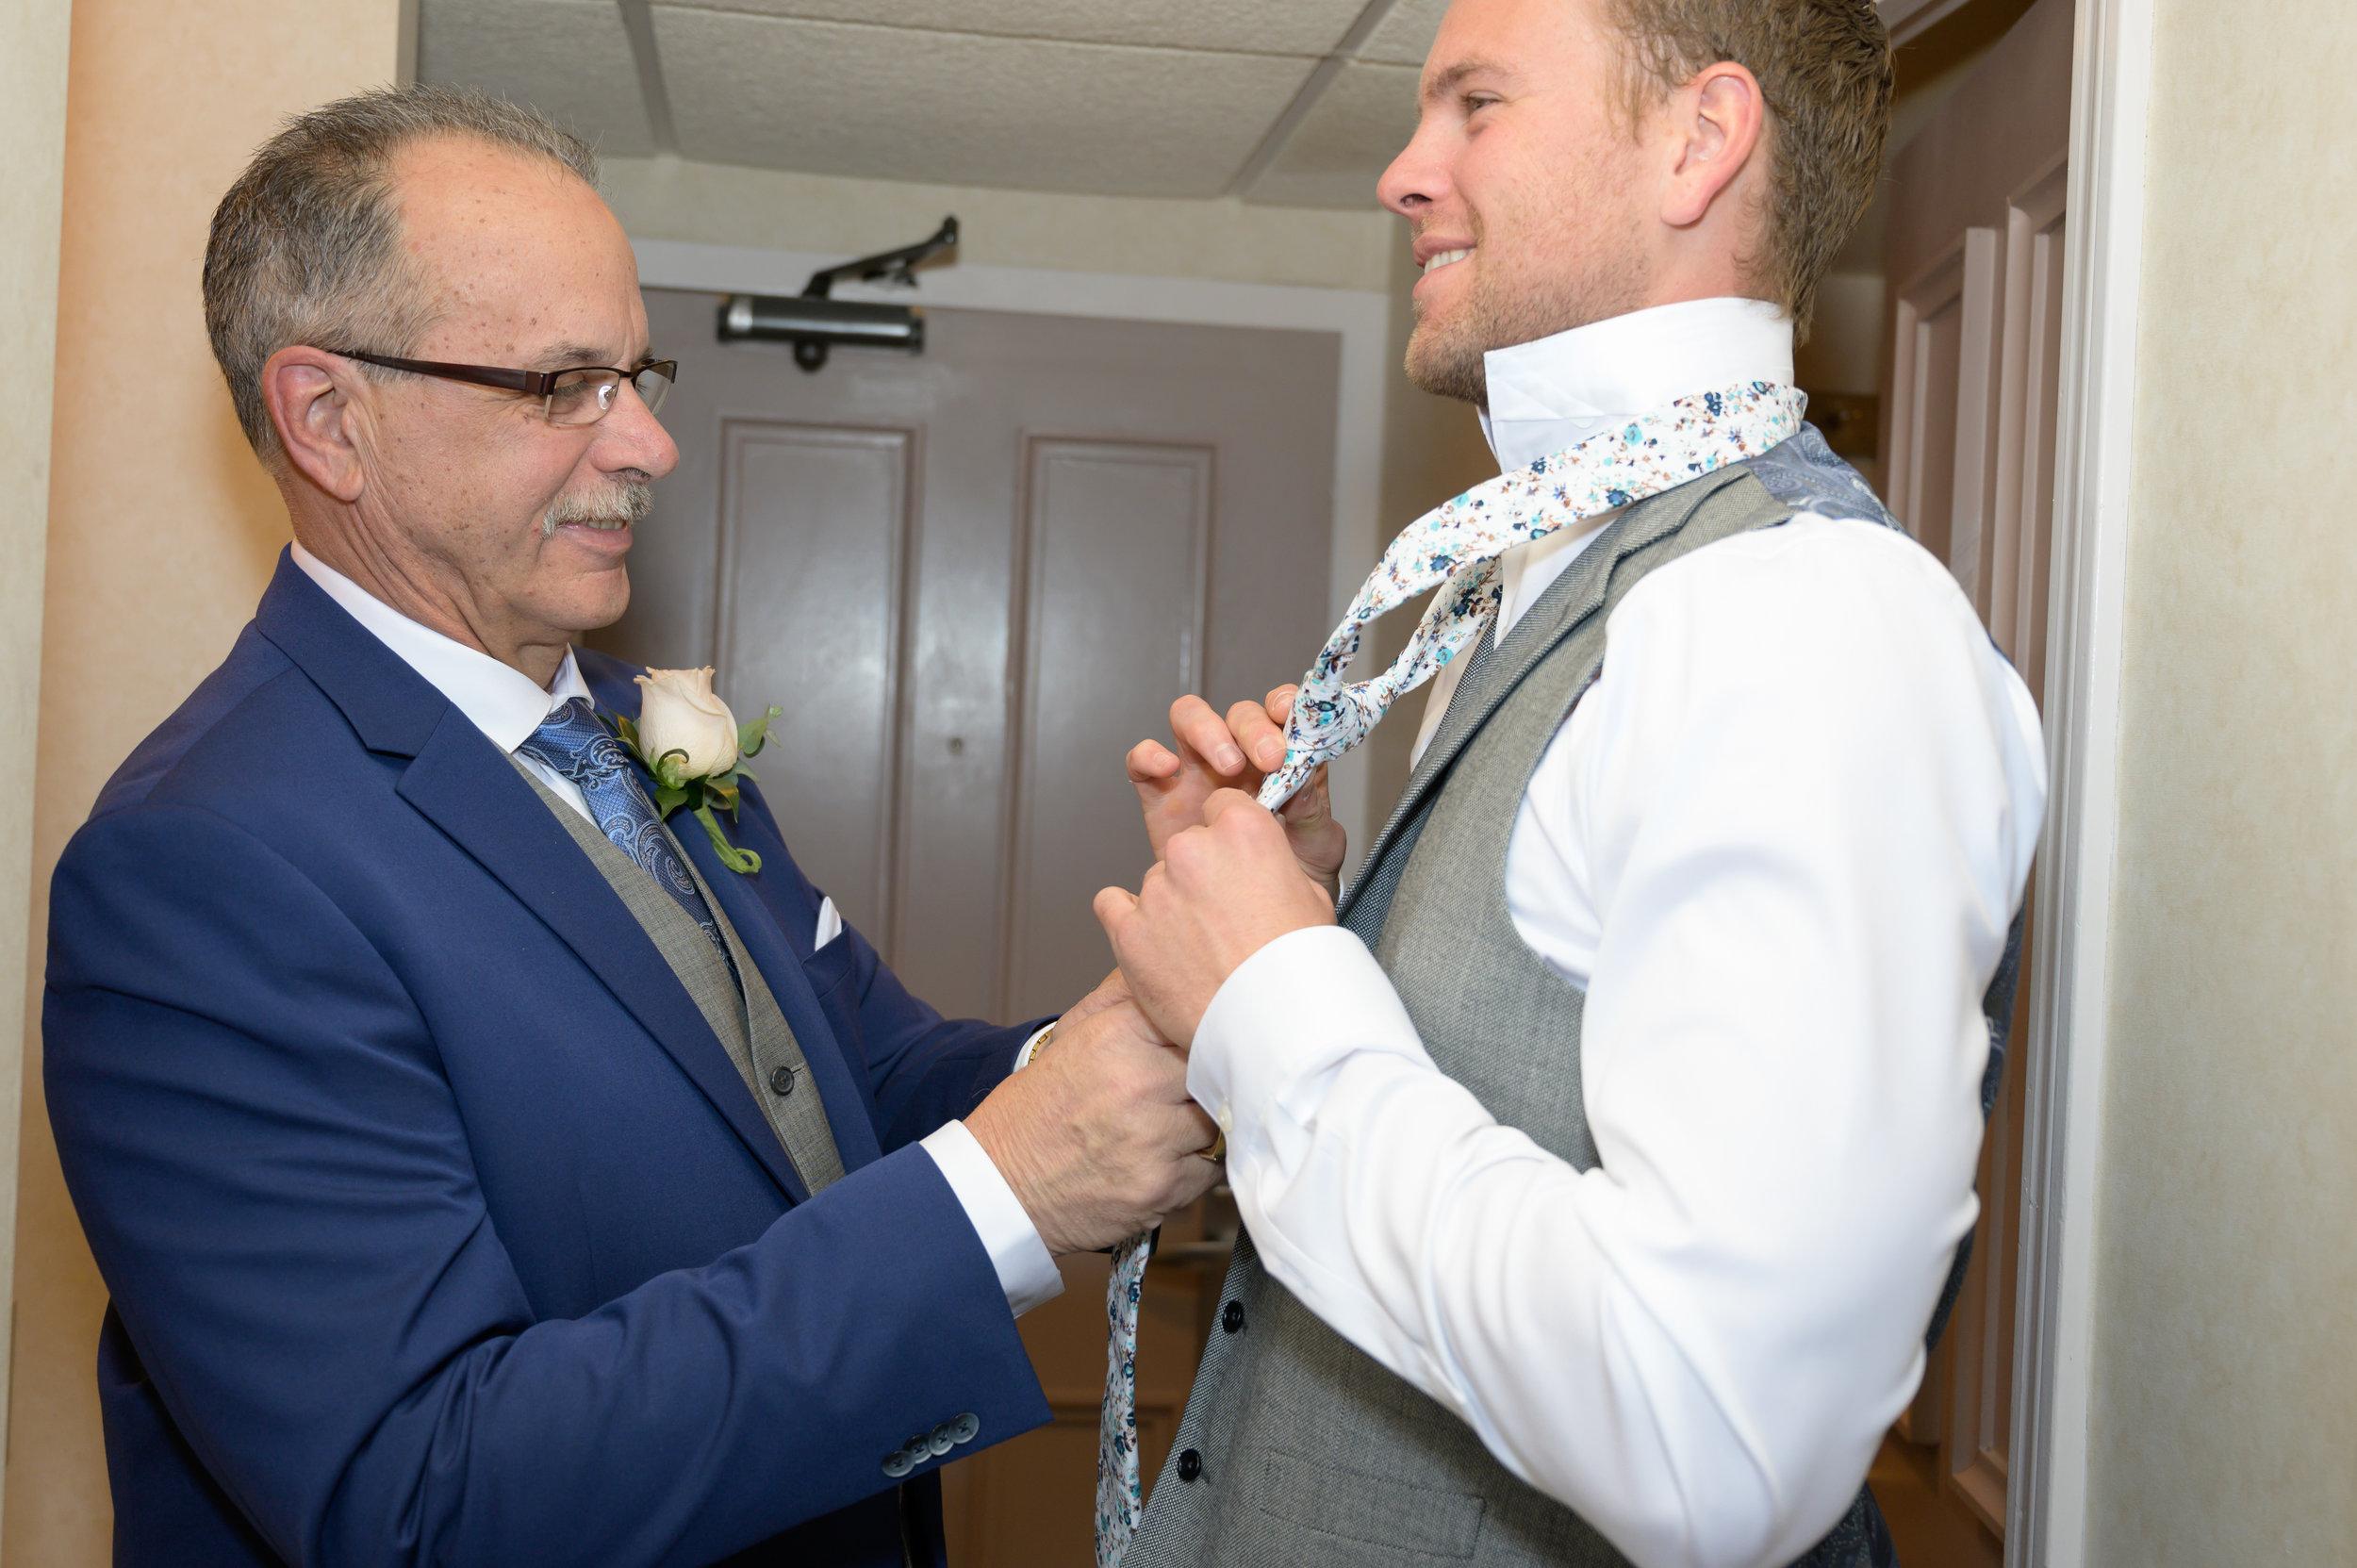 laconia-margate-wedding-photography-72.jpg